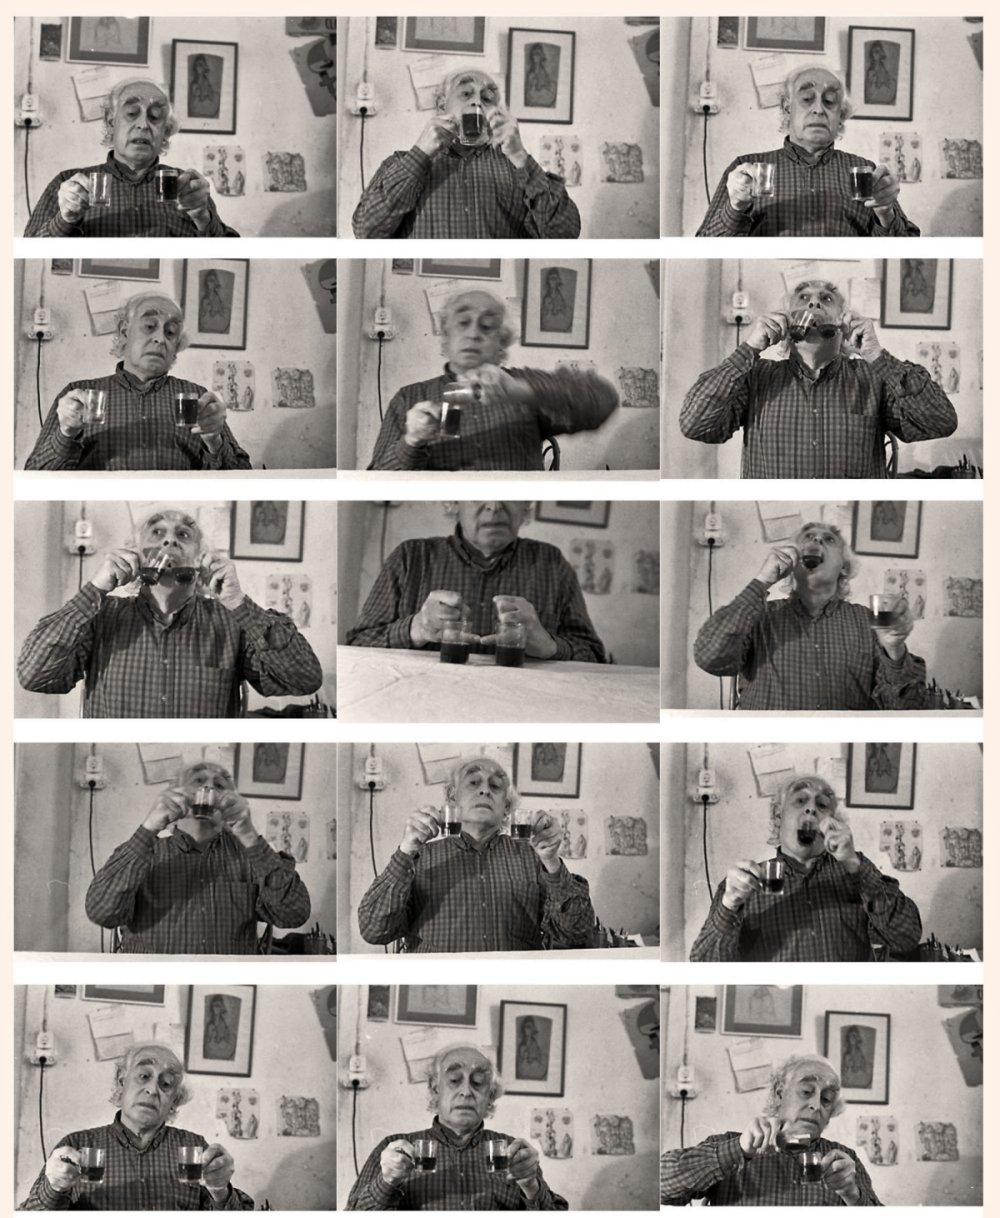 דניס סילק מנסה לשתות משתי כוסות בבת אחת ומתלבט בכל פעם כיצד לעשות זאת, זהו עיסוק סיזיפי שבו הוא חוזר על הניסיון בדרכים שונות  ובכל פעם חוזר לנקודת ההתחלה. צילמה: אביגיל שימל. לחצו להגדלה